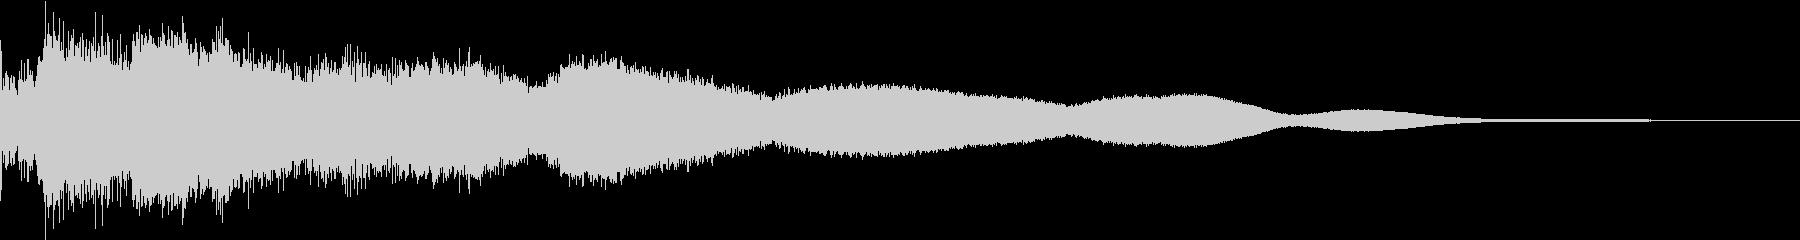 ホラー サスペンス 不思議 鐘 洞窟 Gの未再生の波形